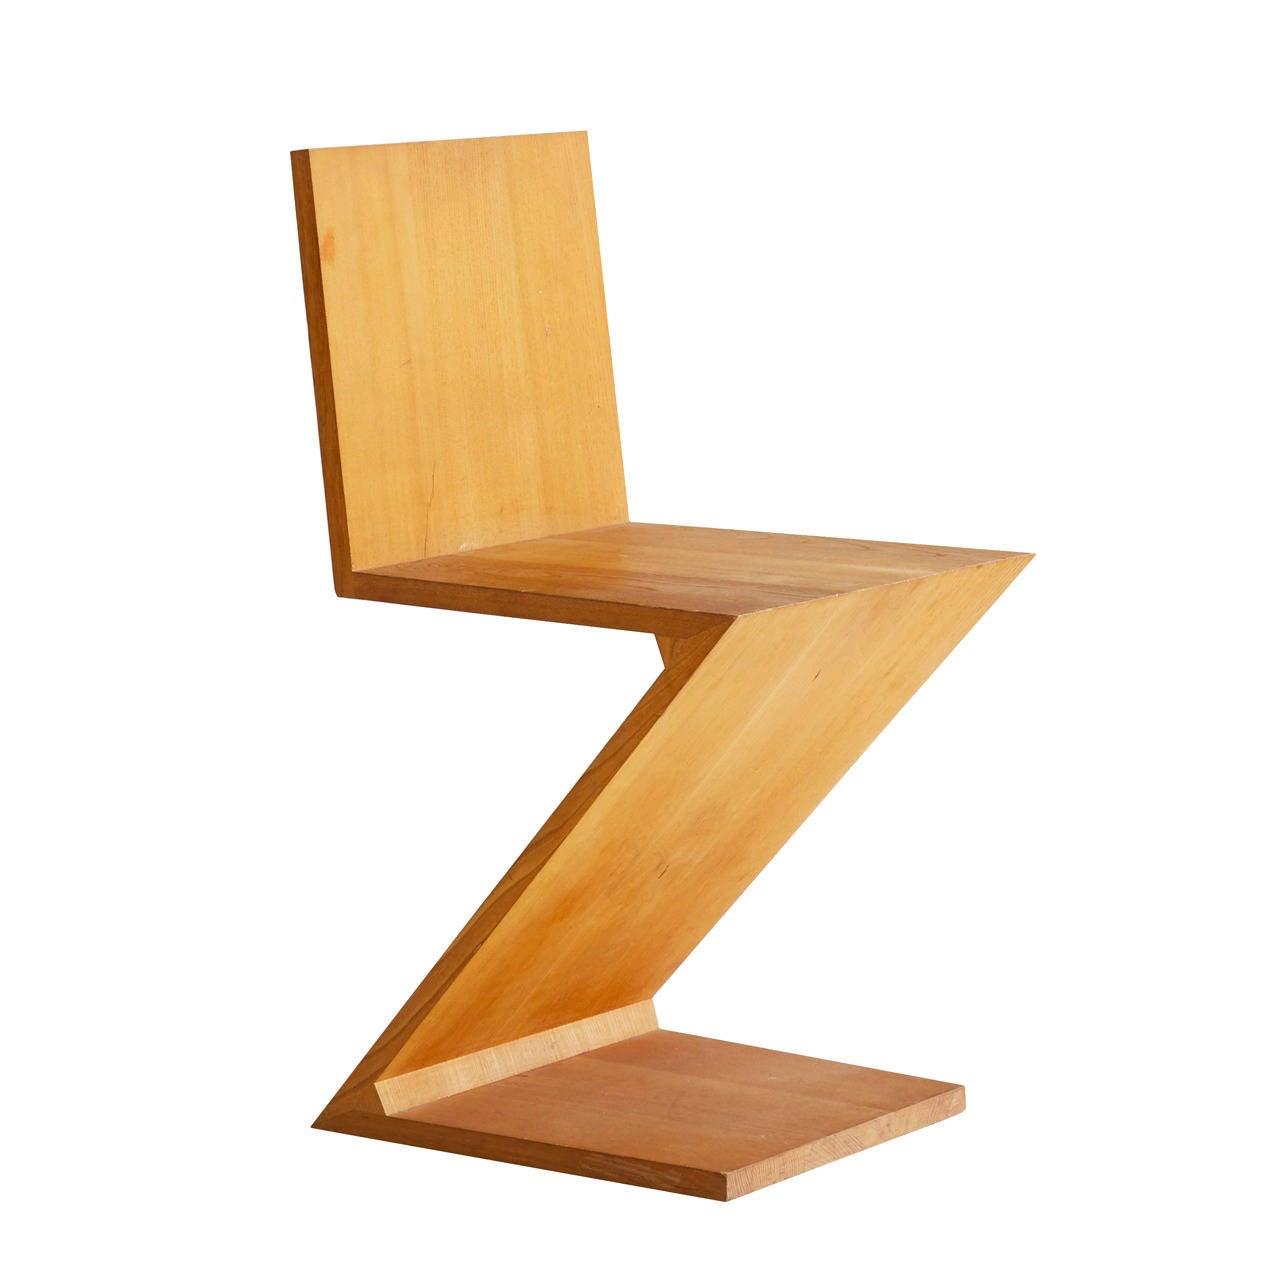 Gerrit rietveld zig zag chair 1